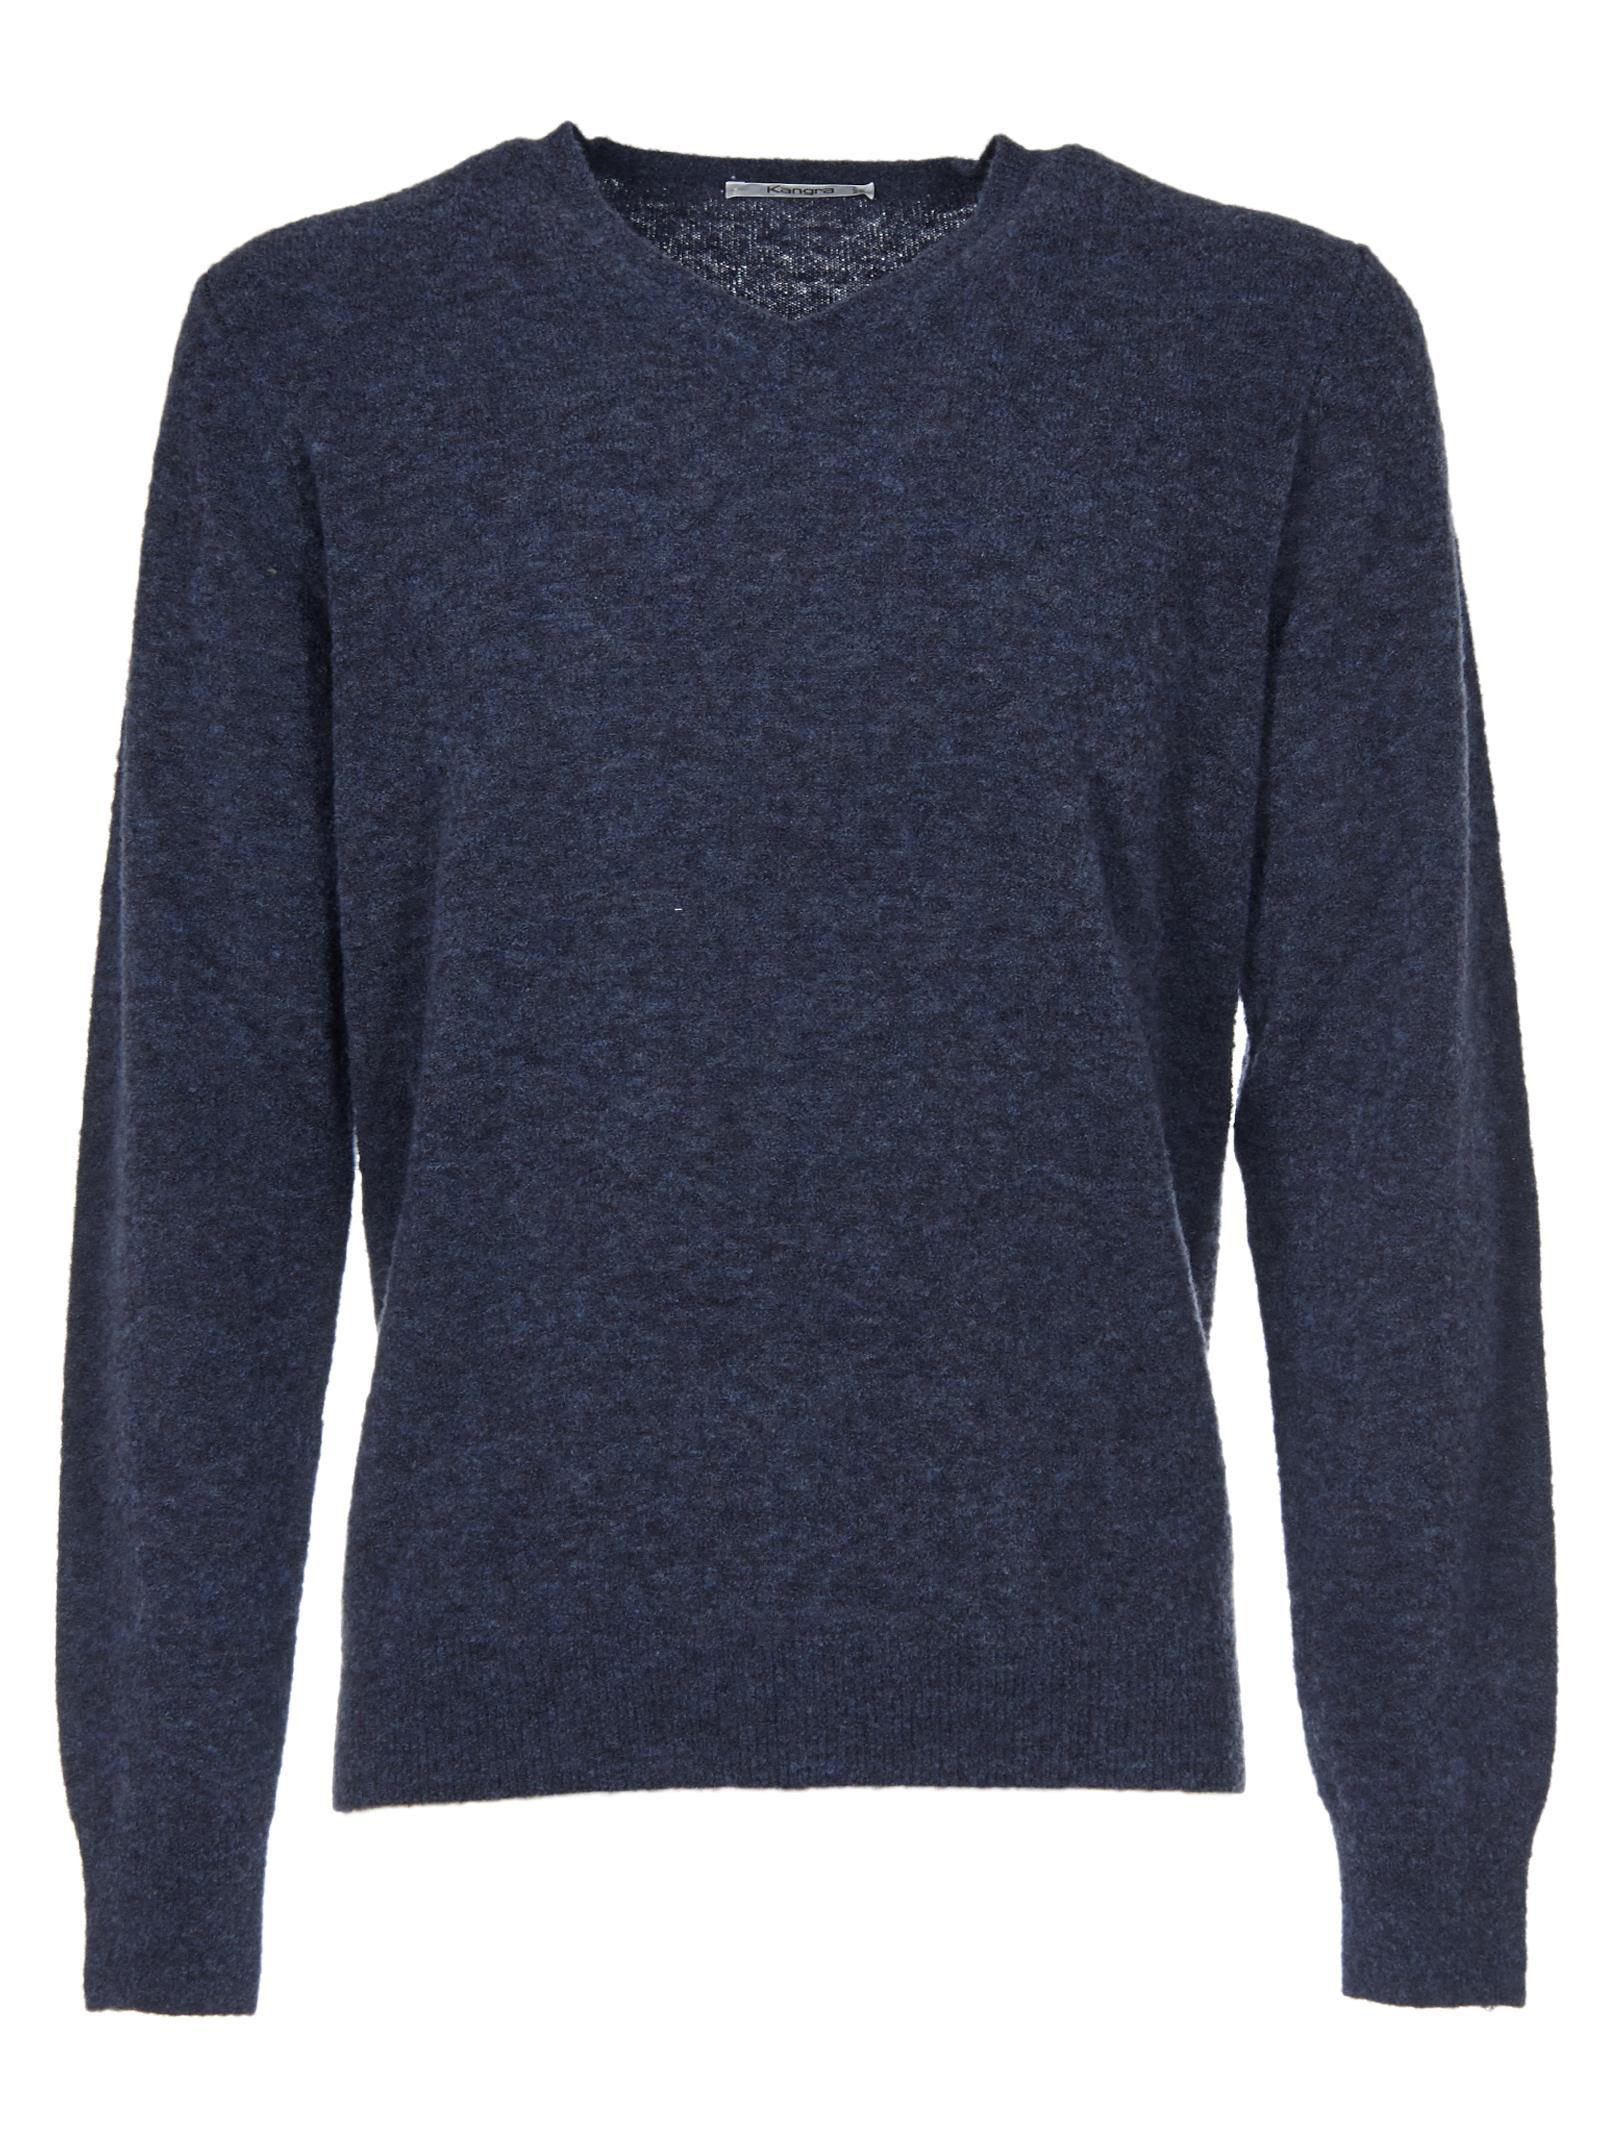 KANGRA V-Neck Sweater in Jeans